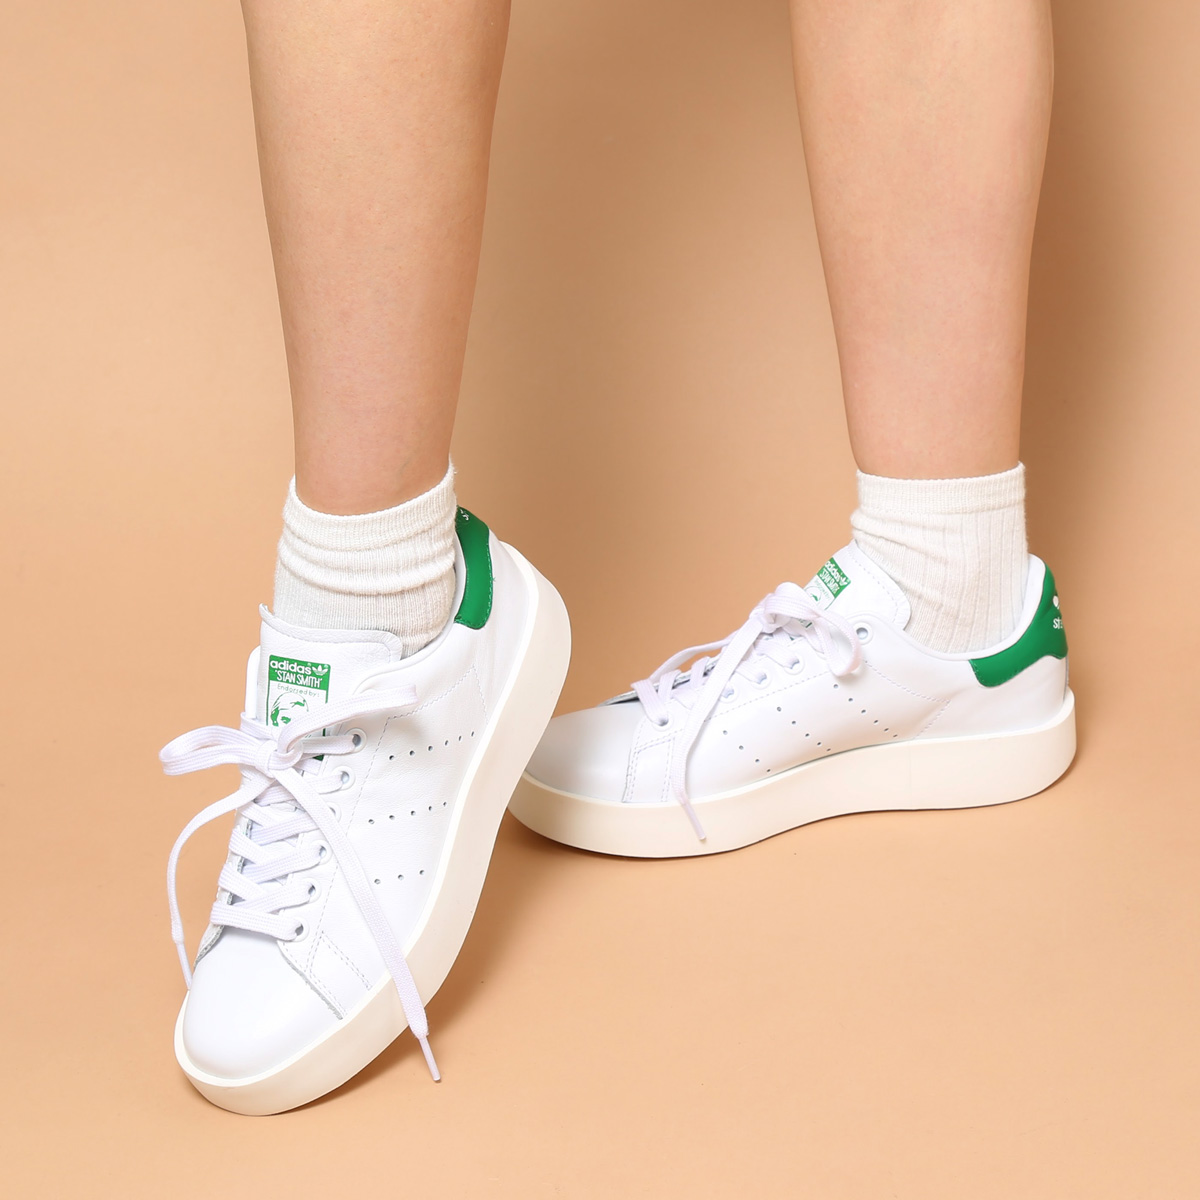 adidas Originals STAN SMITH BD W (アディダス オリジナルス スタンスミス BD W)RUNNING WHITE/RUNNING WHITE/GREEN【レディース スニーカー】【厚底】17SS-I